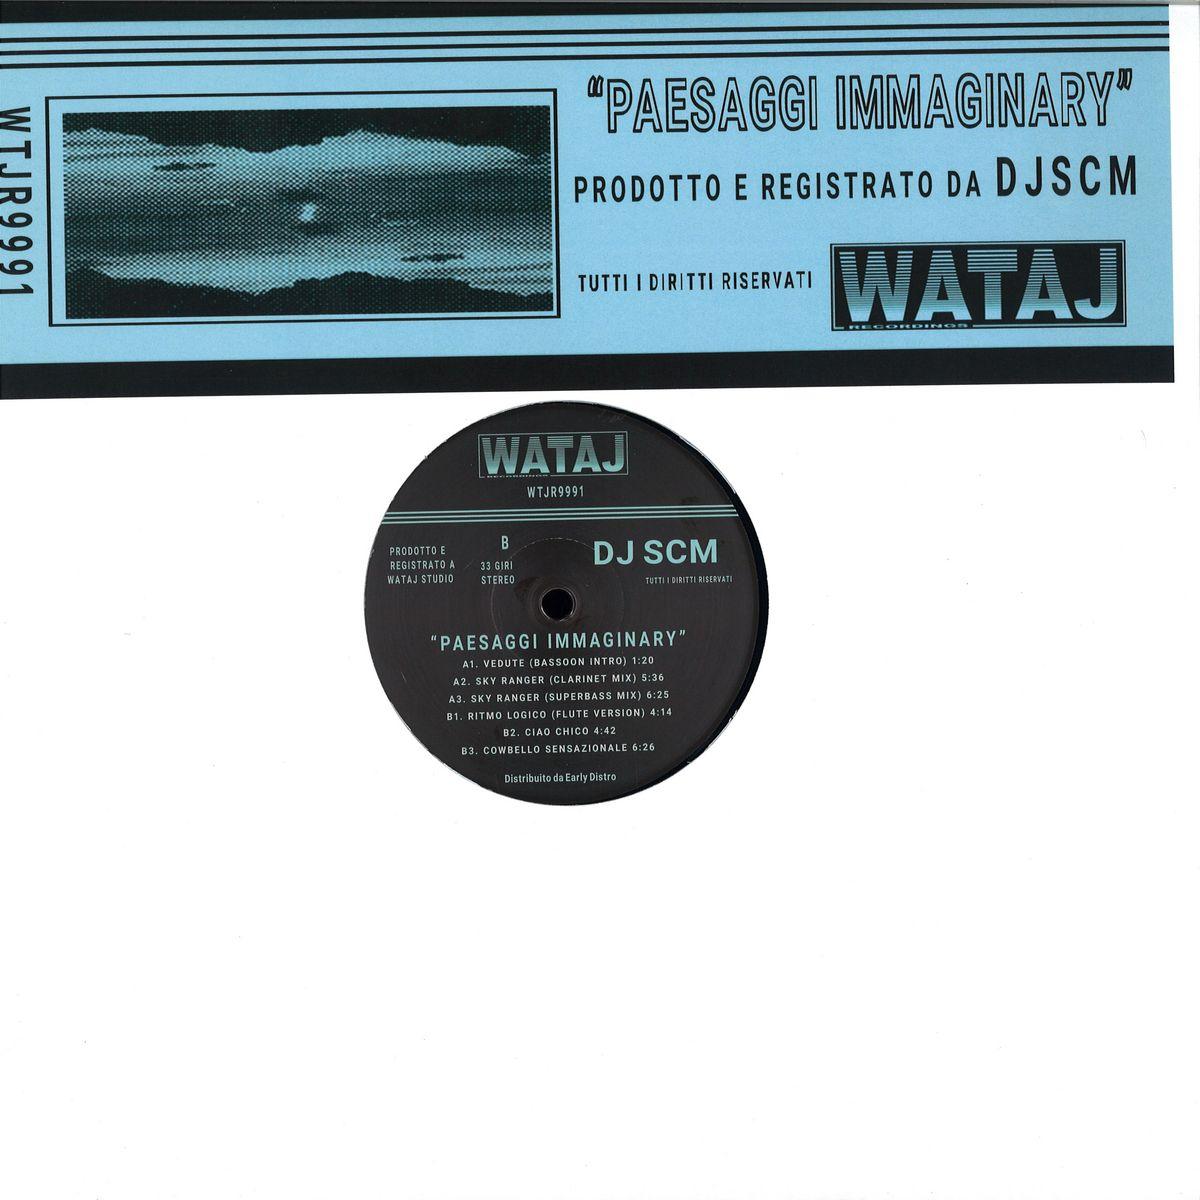 deejay de - WATAJ Recordings